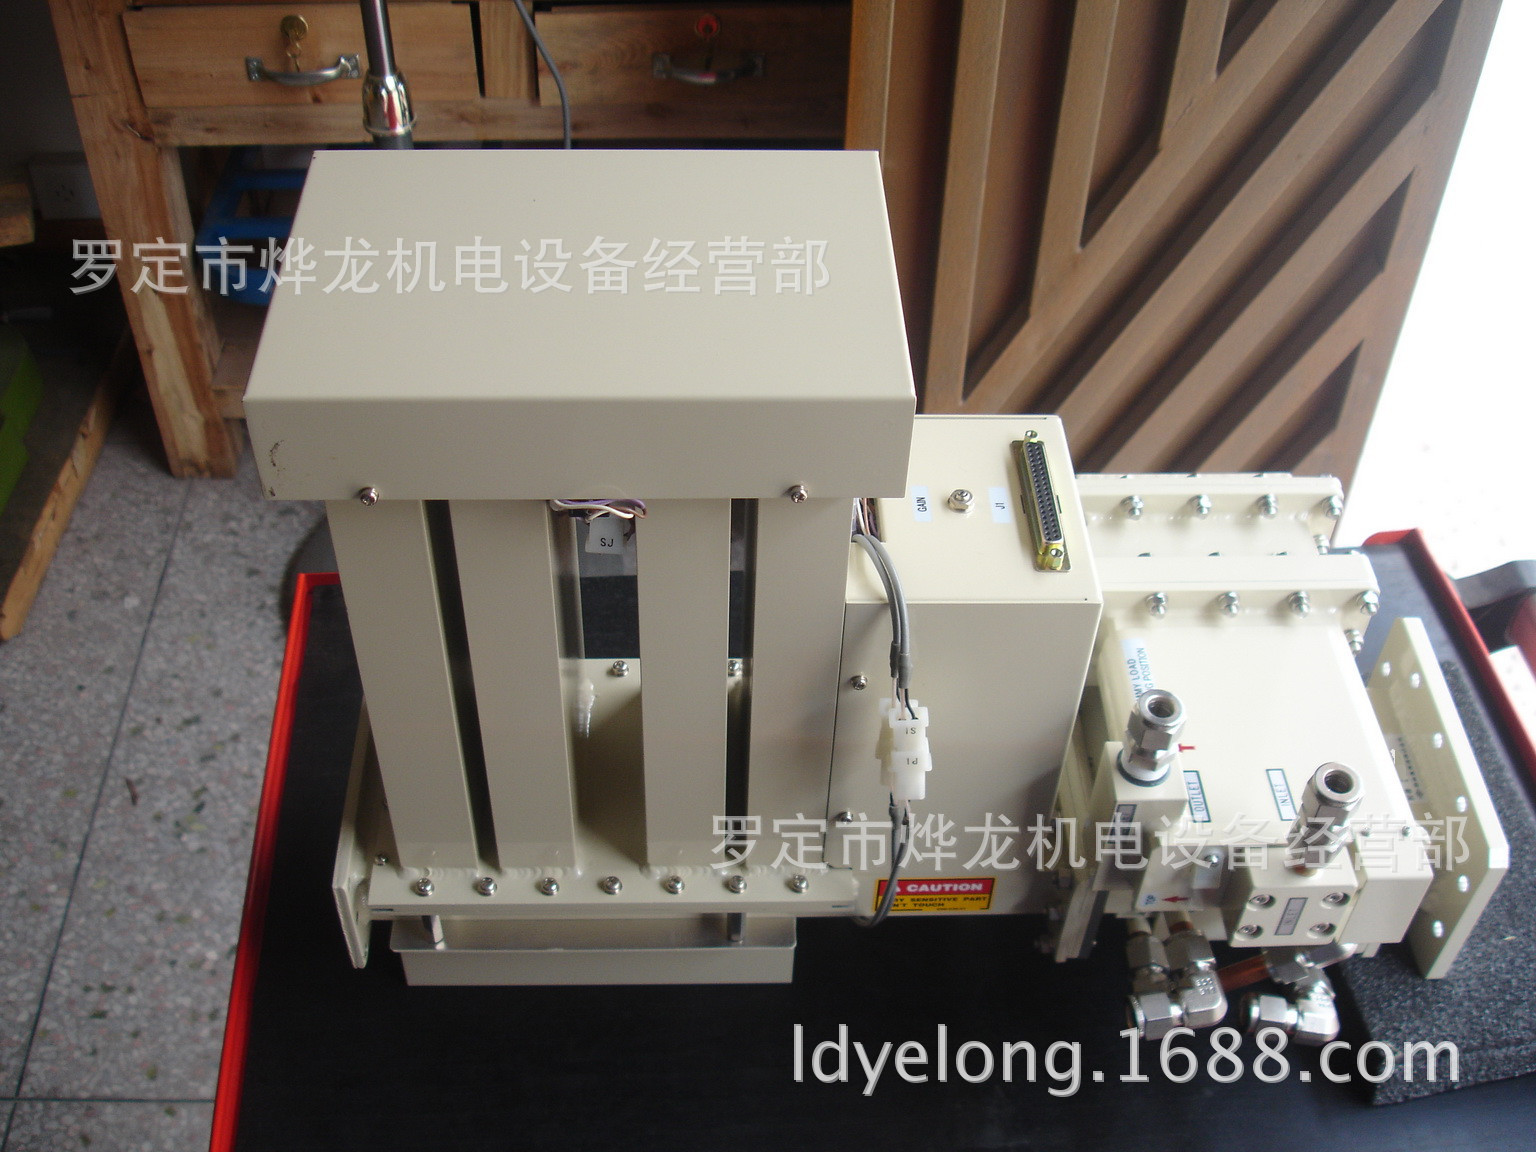 供应大功率微波四E-T调配器、环行器、隔离器、功率检测器